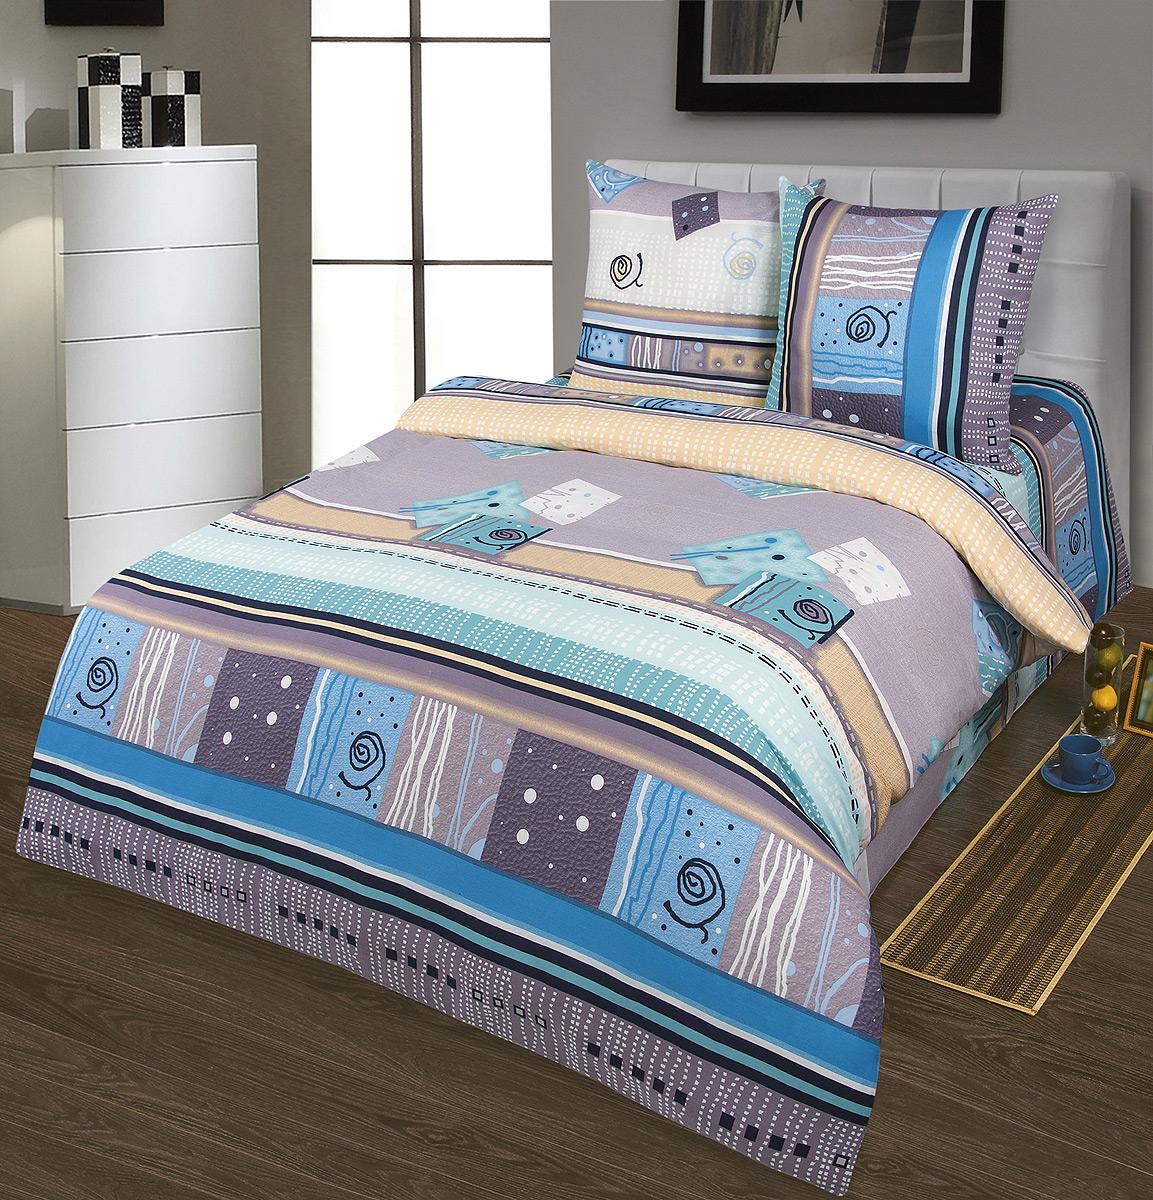 Комплект белья Шоколад Мираж, евро, наволочки 70x70. Б114Б114Комплект постельного белья Шоколад Мираж является экологически безопасным для всей семьи, так как выполнен из натурального хлопка. Комплект состоит из пододеяльника, простыни и двух наволочек. Постельное белье оформлено оригинальным рисунком и имеет изысканный внешний вид.Бязь - это ткань полотняного переплетения, изготовленная из экологически чистого и натурального 100% хлопка. Она прочная, мягкая, обладает низкой сминаемостью, легко стирается и хорошо гладится. Бязь прекрасно пропускает воздух и за ней легко ухаживать. При соблюдении рекомендуемых условий стирки, сушки и глажения ткань имеет усадку по ГОСТу, сохранятся яркость текстильных рисунков. Приобретая комплект постельного белья Шоколад Мираж, вы можете быть уверены в том, что покупка доставит вам и вашим близким удовольствие иподарит максимальный комфорт.